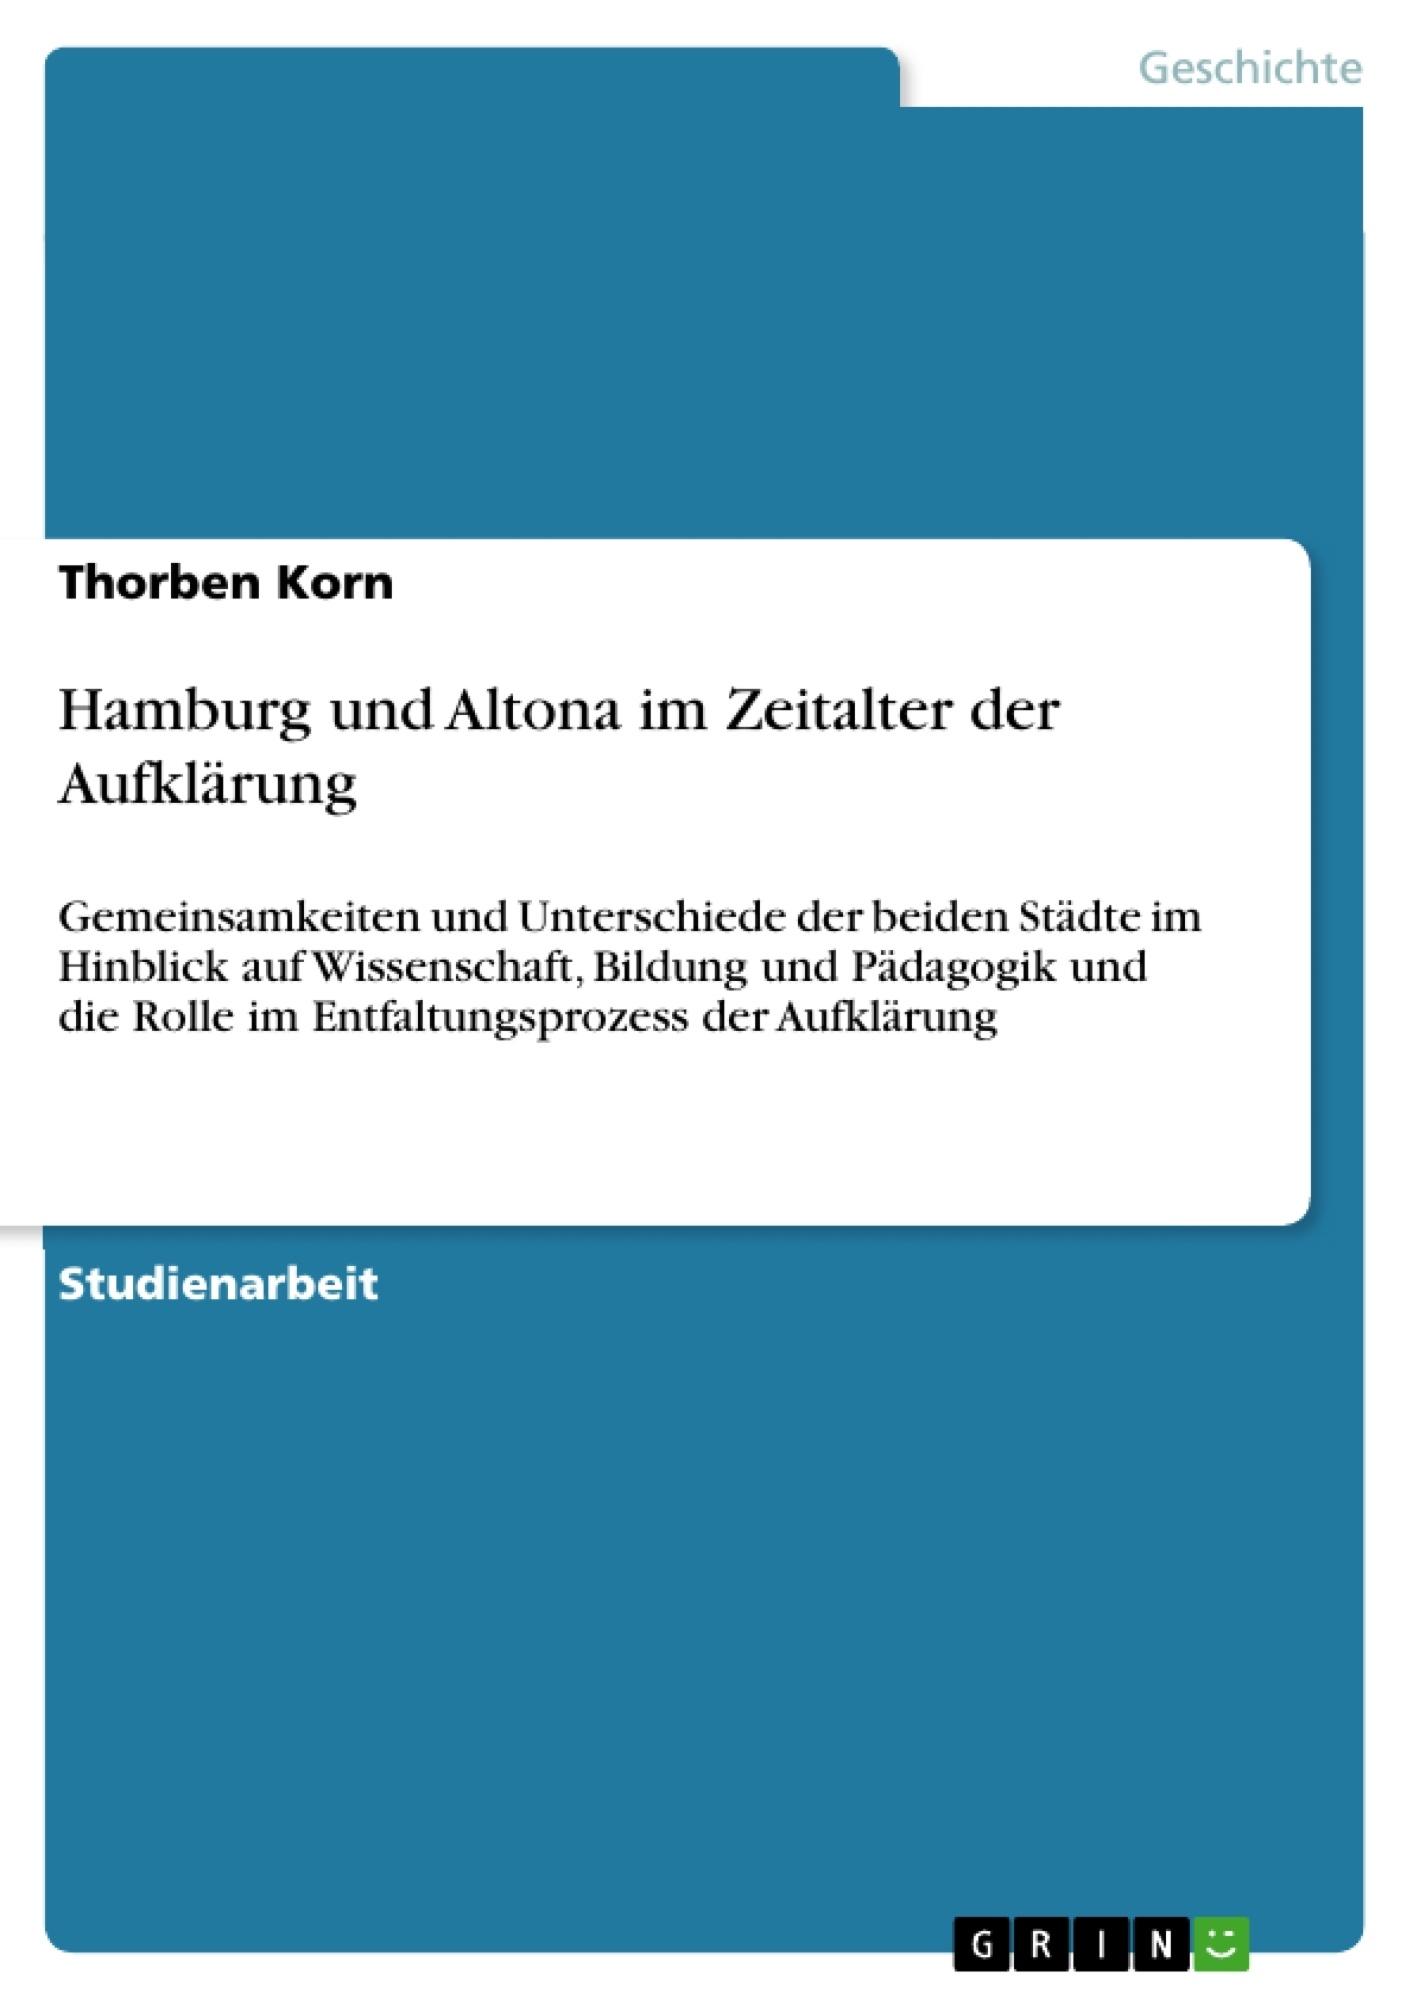 Titel: Hamburg und Altona im Zeitalter der Aufklärung